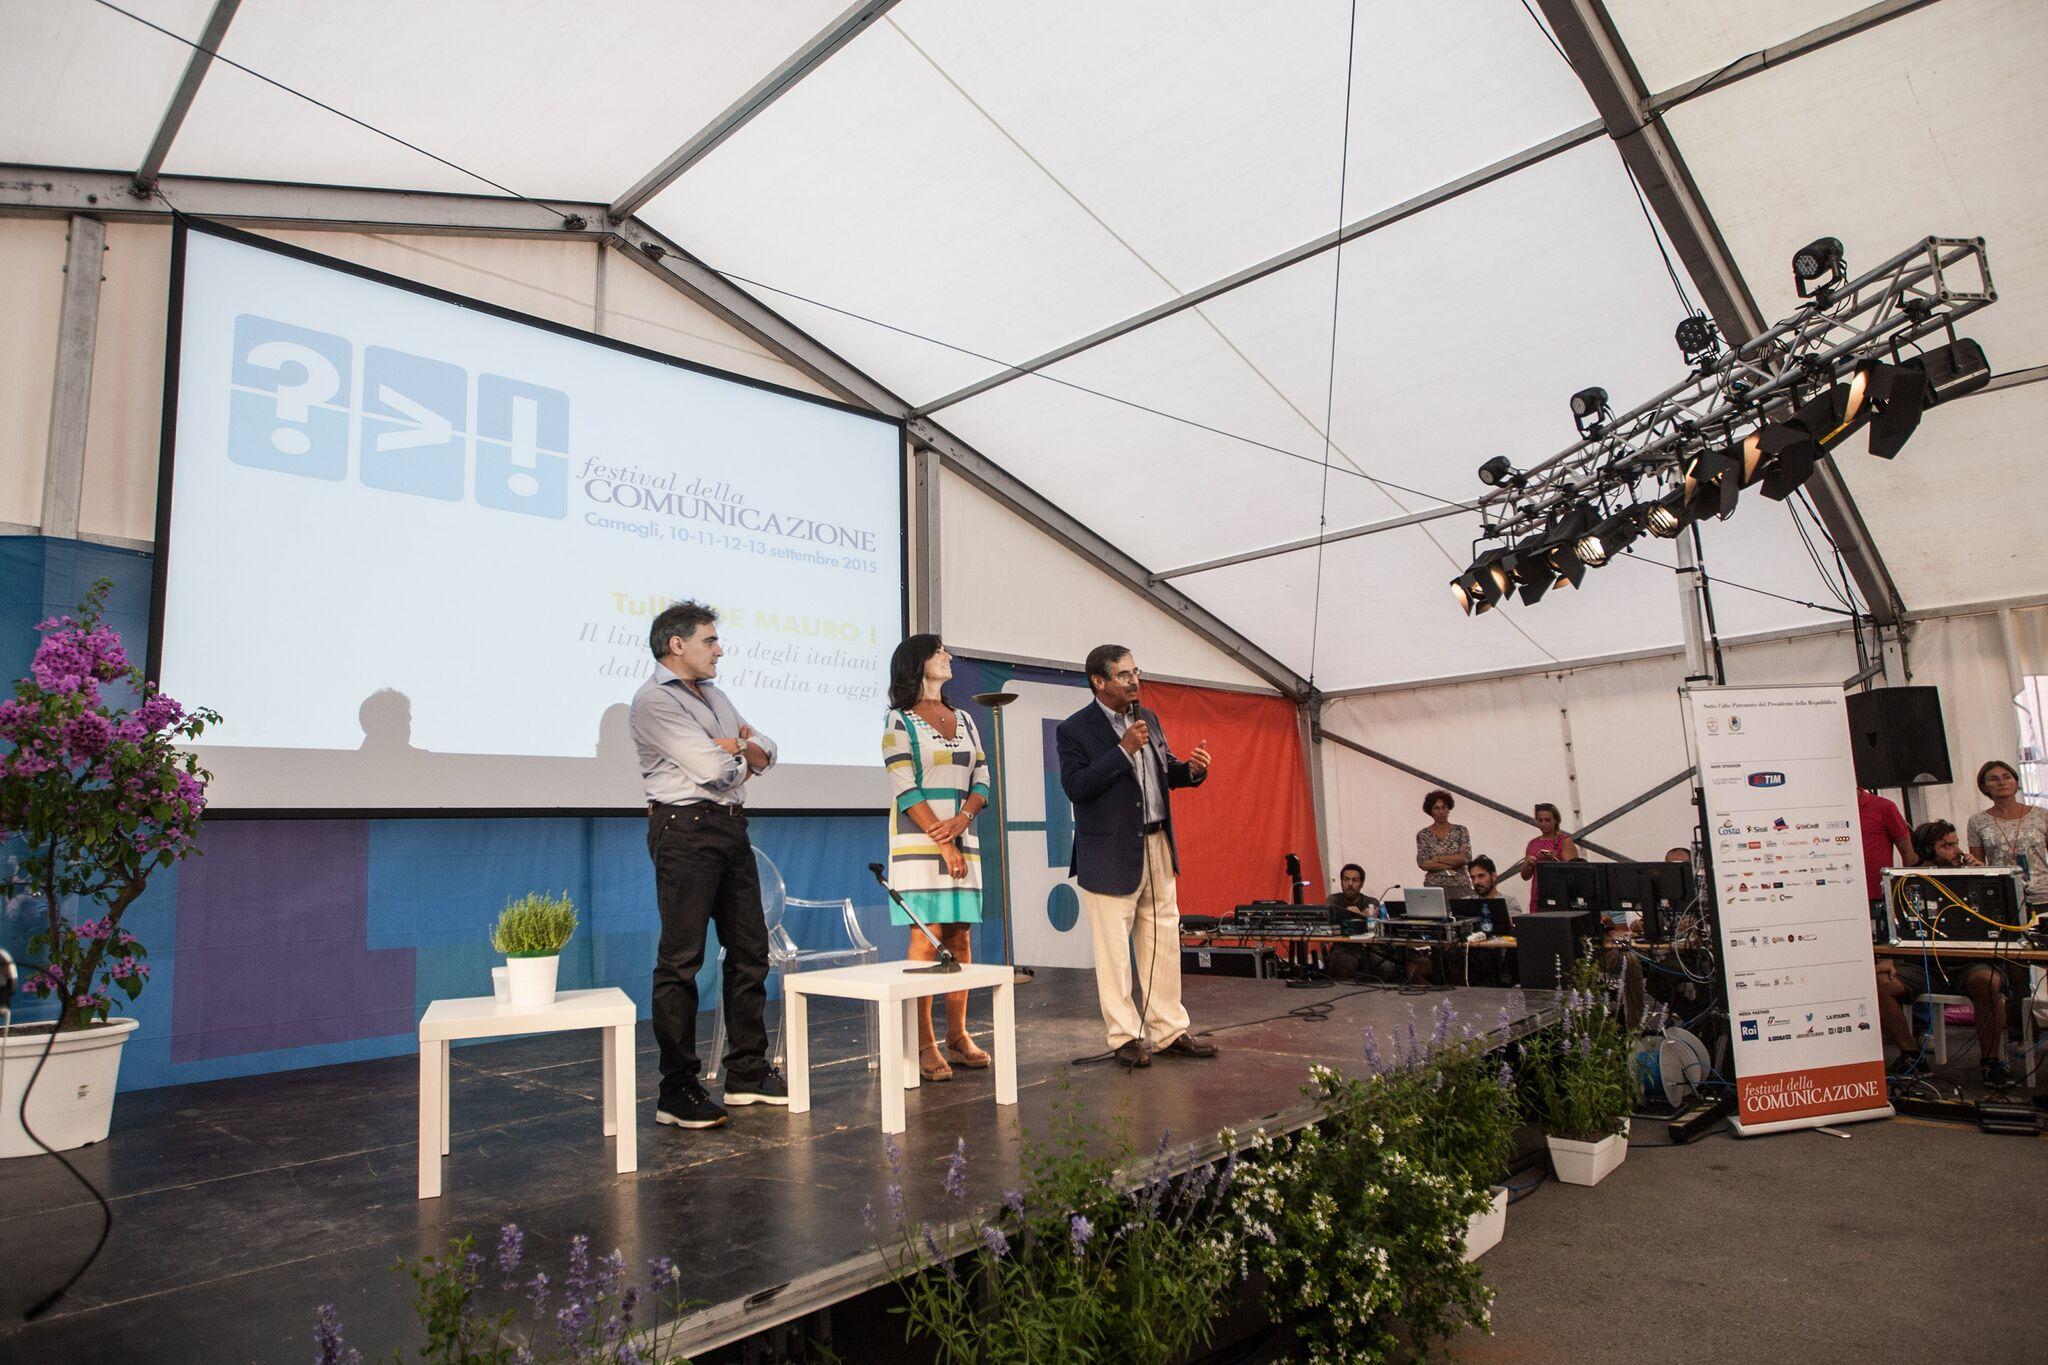 Apertura Festival della Comunicazione 2015_direttori e sindaco